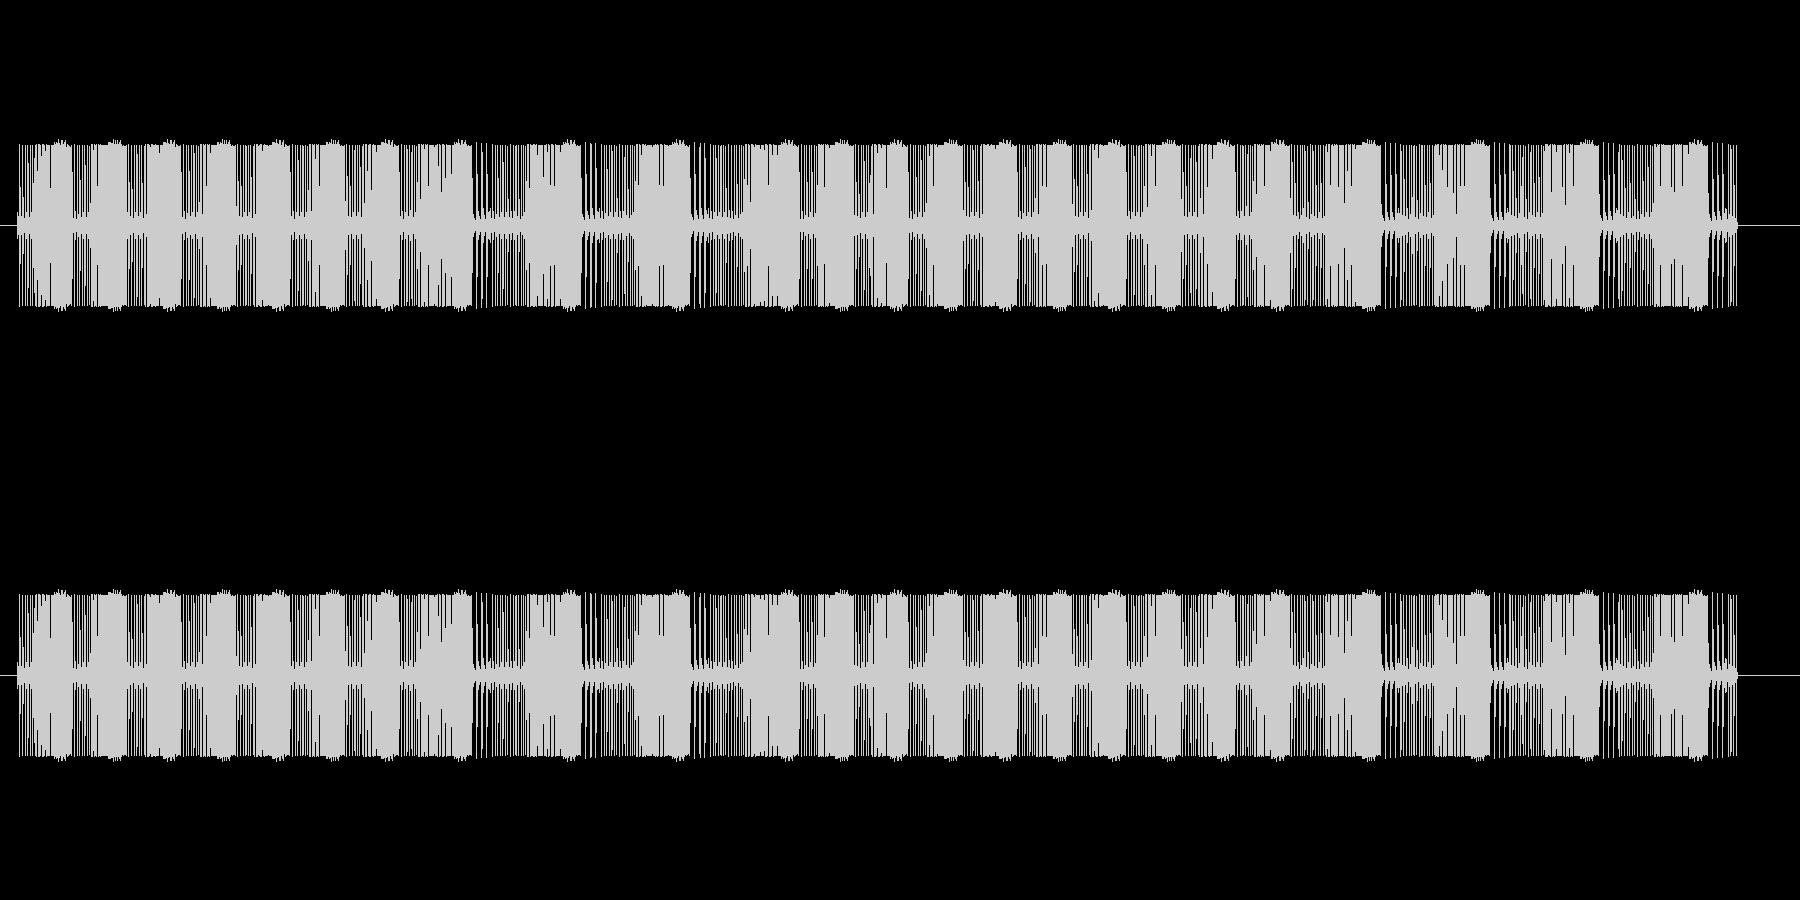 ビームを撃つ音(ビビビビ、ビュビュビュ)の未再生の波形